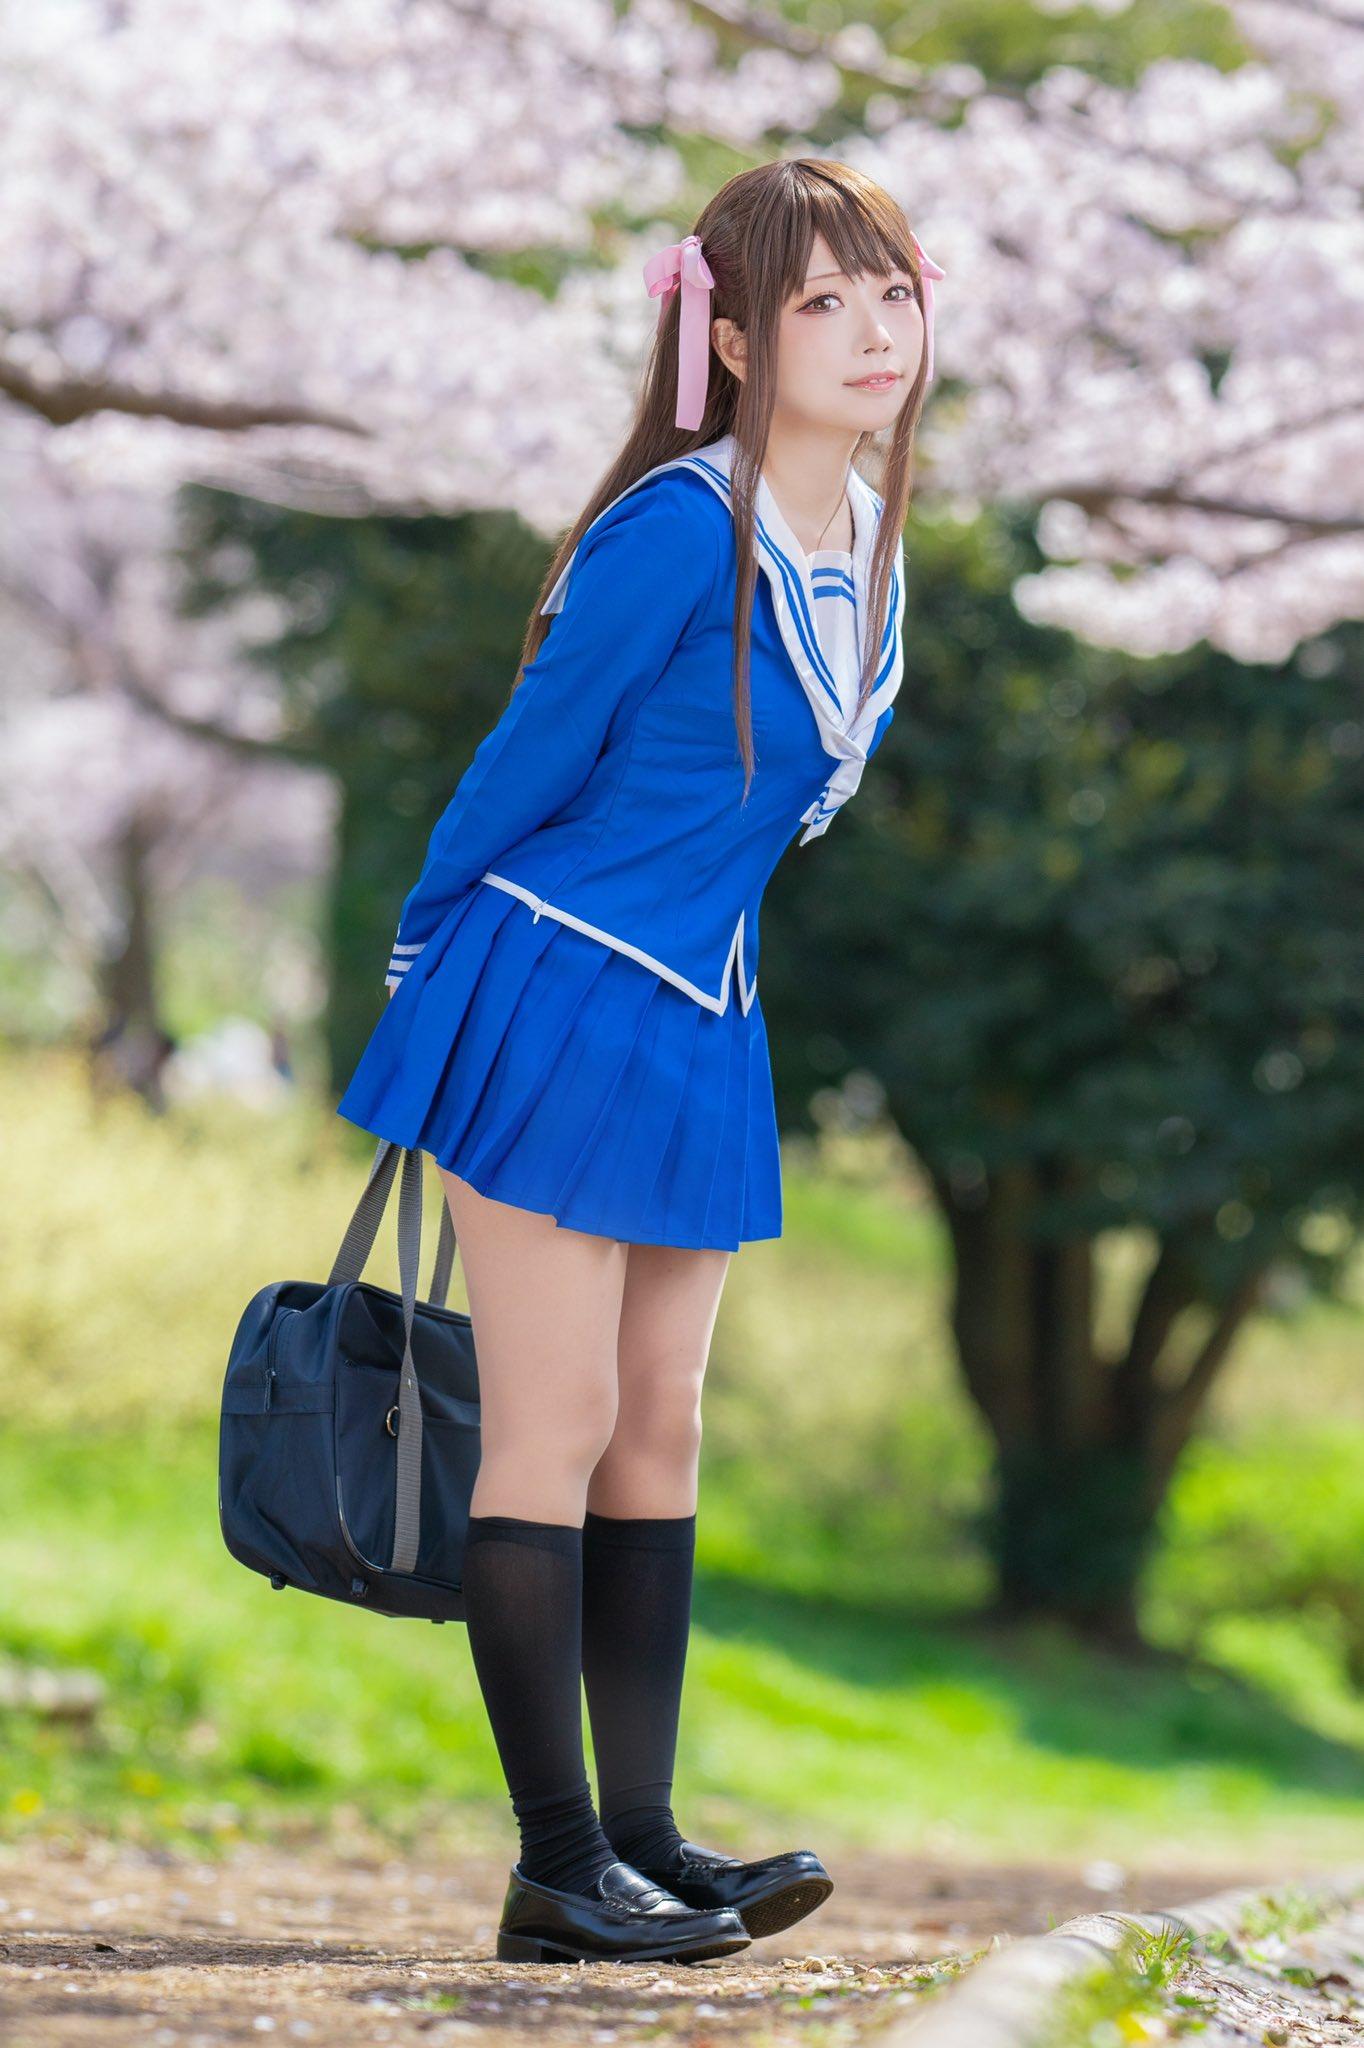 Fotografía de la cosplayer Yuyu_cos como Tohru Honda de 'Fruits Basket'.